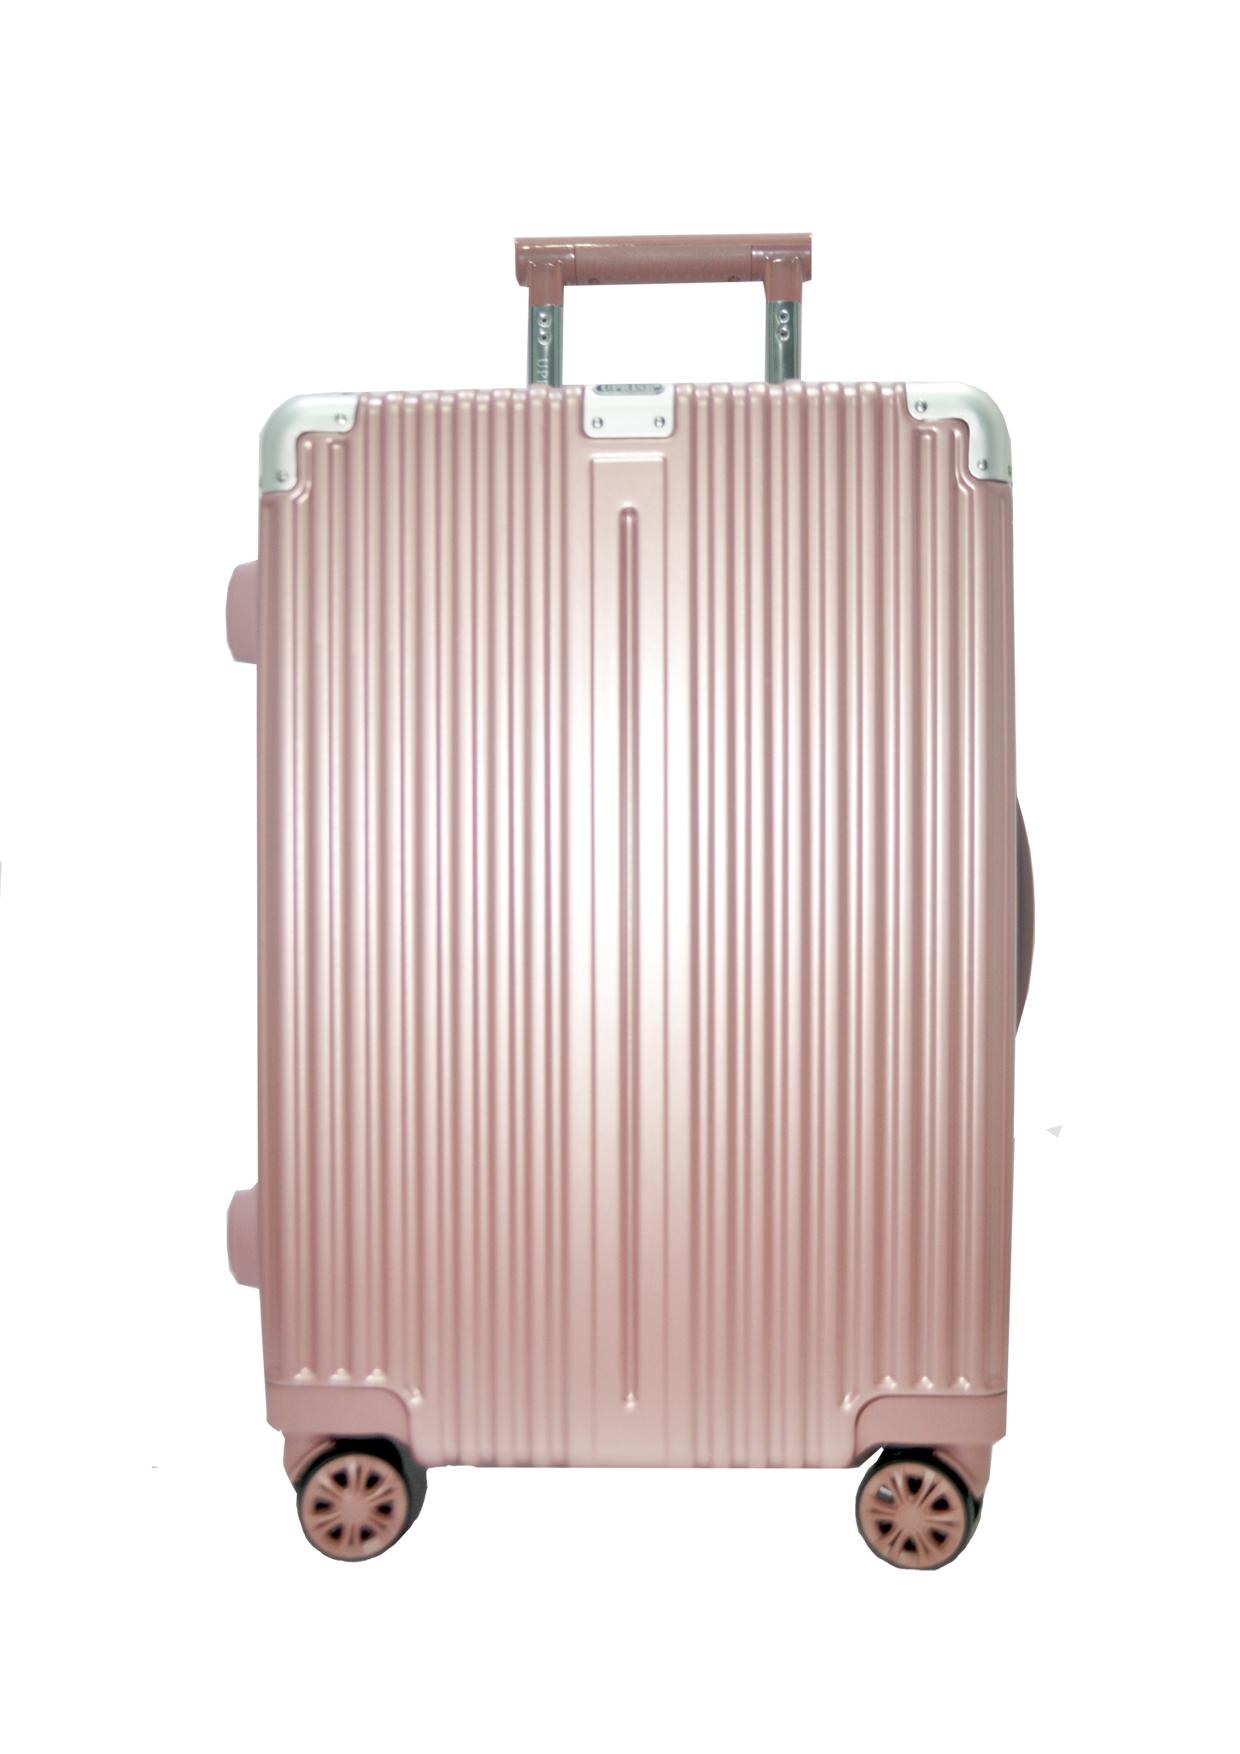 กระเป๋าเดินทางรหัส 1240 ขนาด 24 นิ้ว สีชมพู